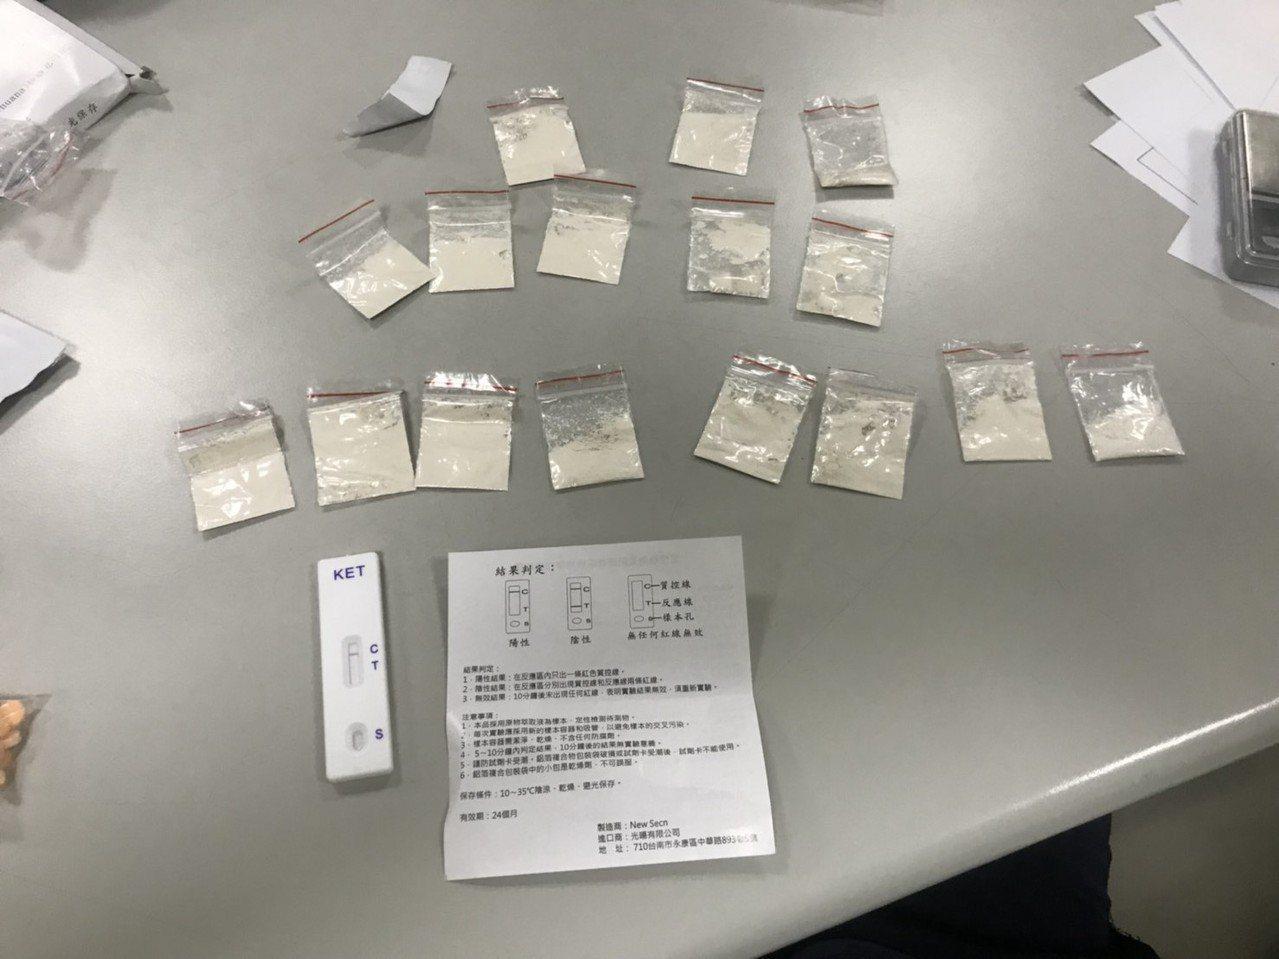 呂姓男子車上被搜出K他命16包、不明藥丸2大袋等證物。記者林昭彰/翻攝